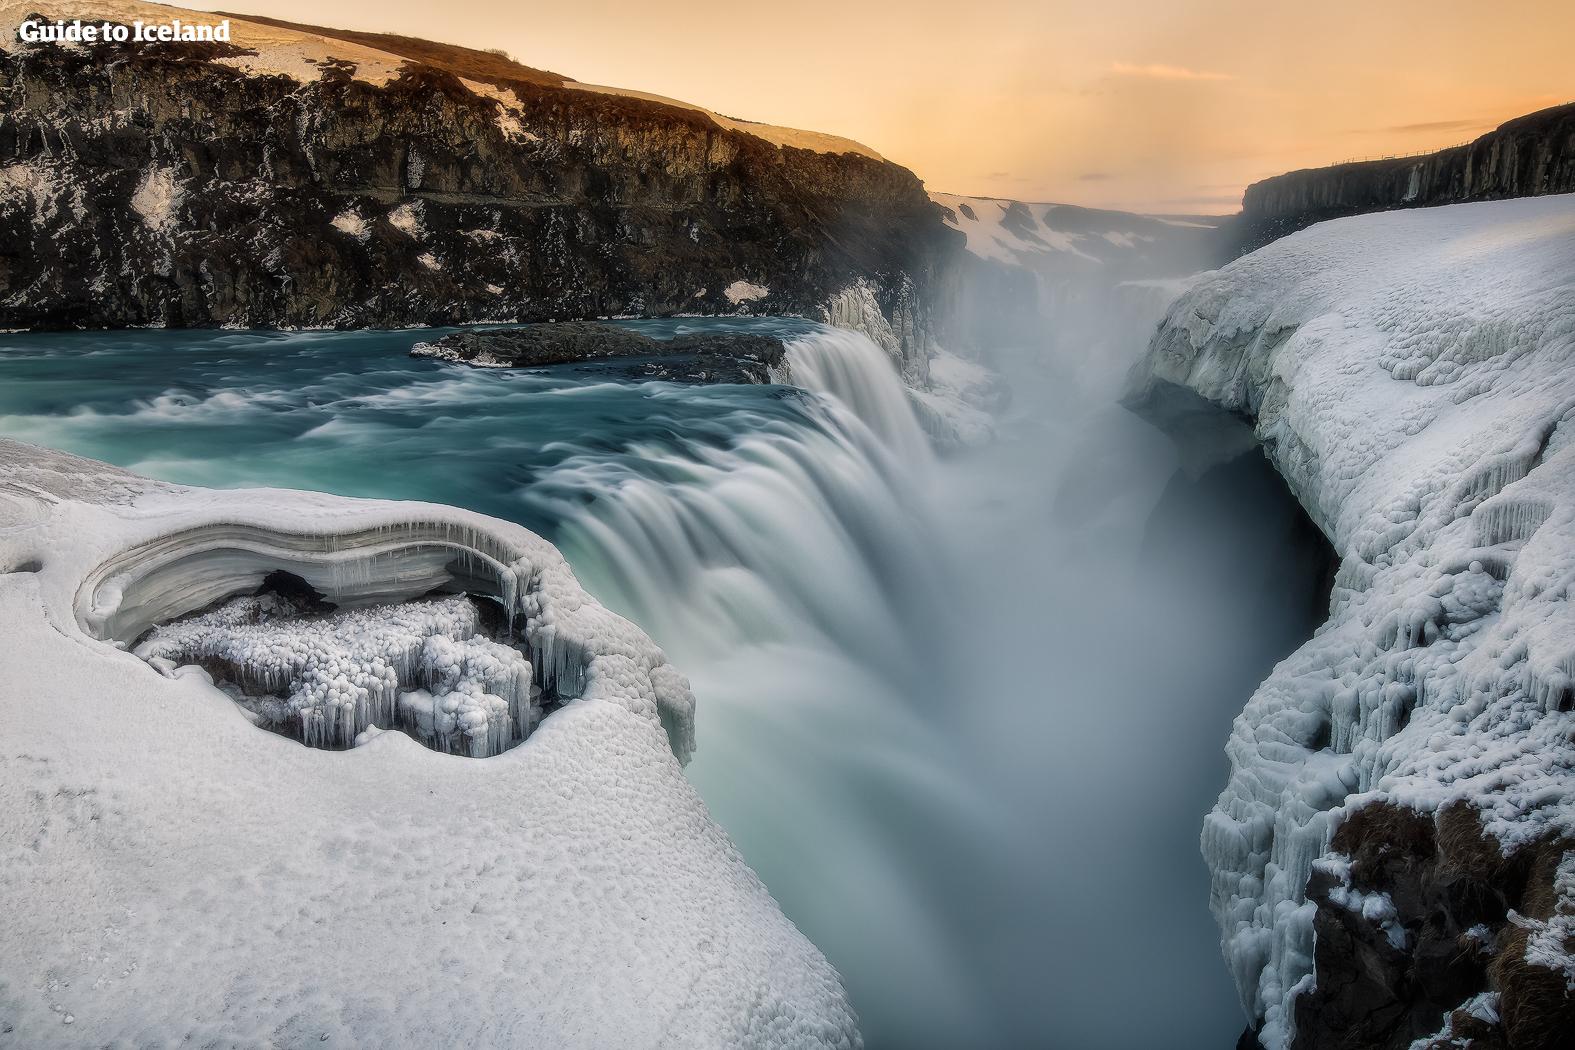 Gullfoss dondert in een oude canyon, die in de winter wordt gehuld in dikke lagen sneeuw en ijs.